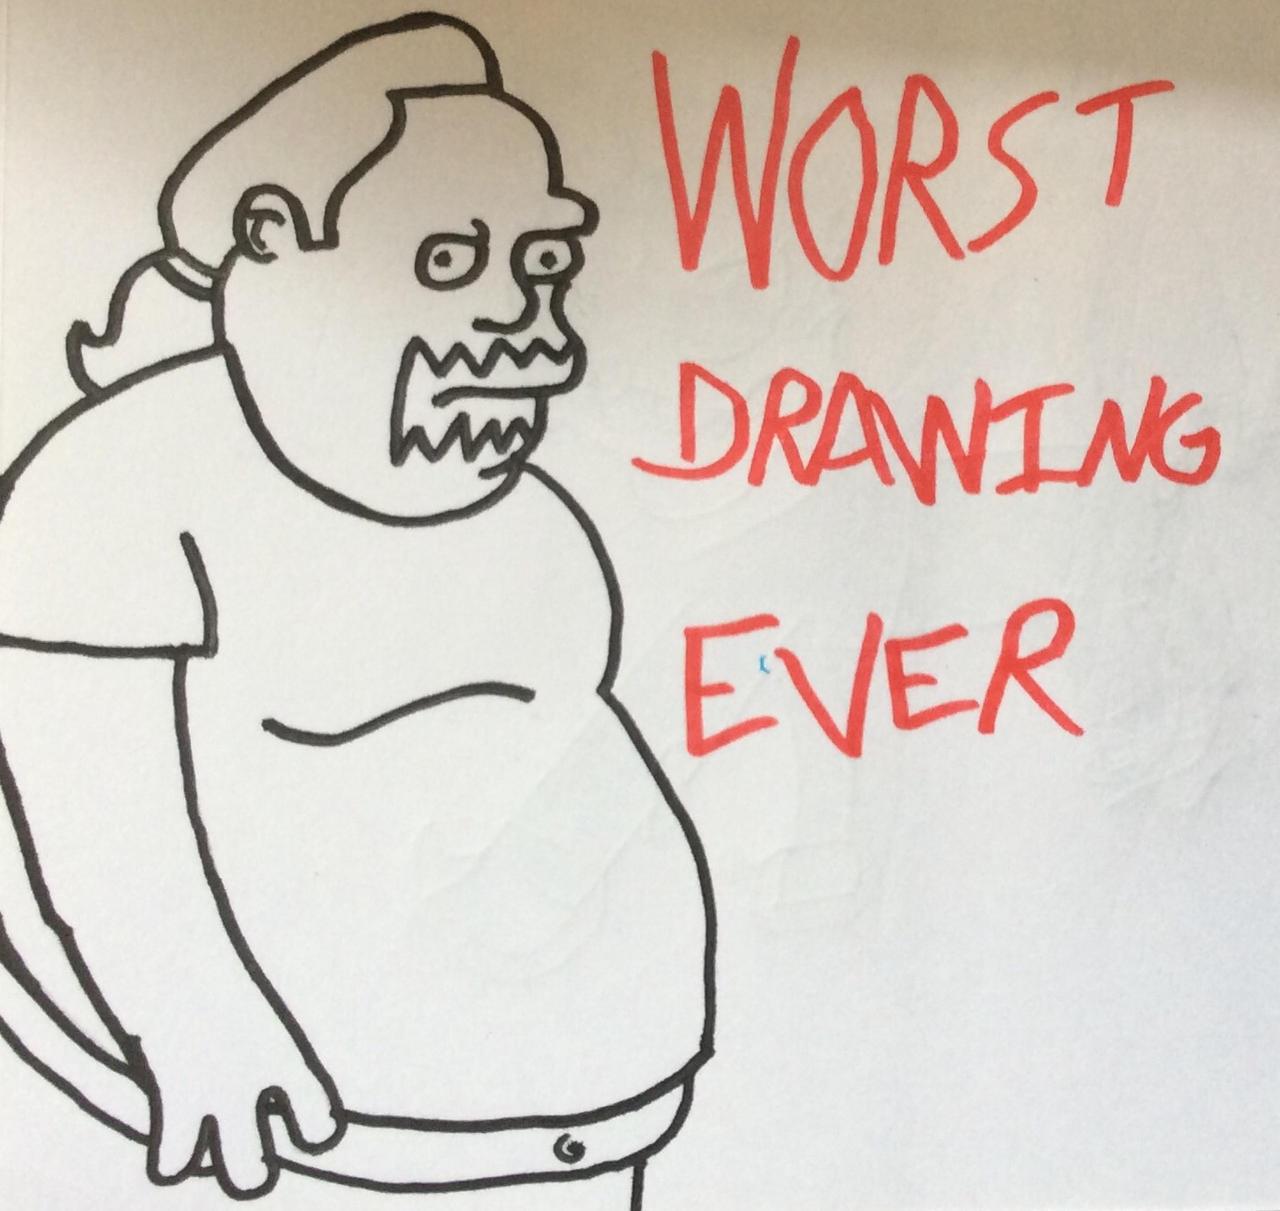 A Troll On DeviantArt by JimmyTheNerd